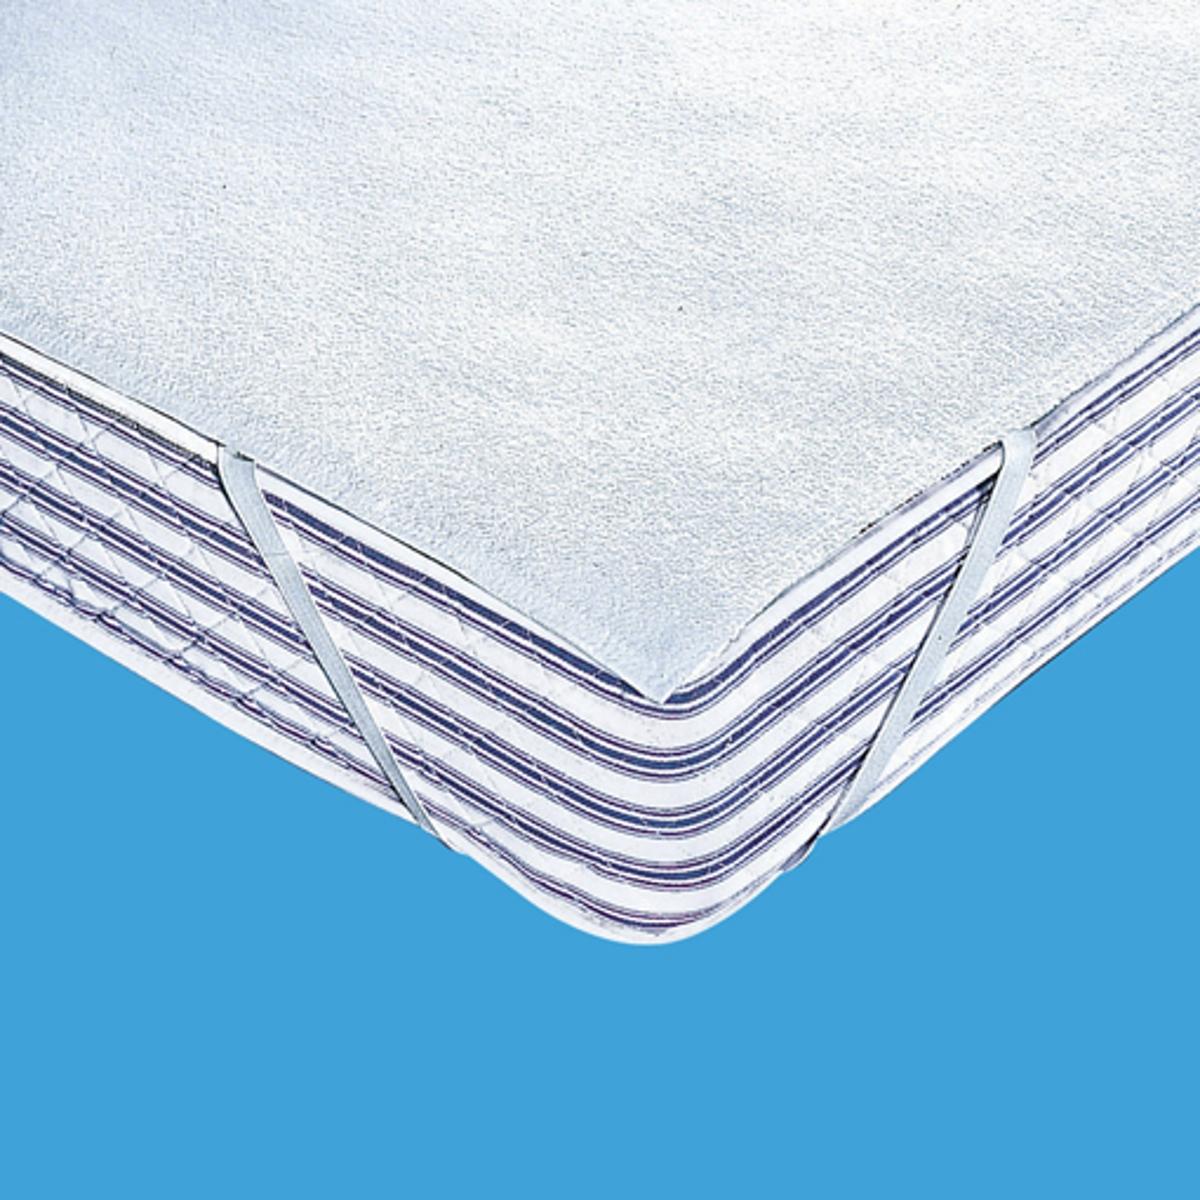 цена на Чехол La Redoute Защитный для матраса гм из махровой ткани с непромокаемым покрытием из ПВХ 140 x 190 см белый